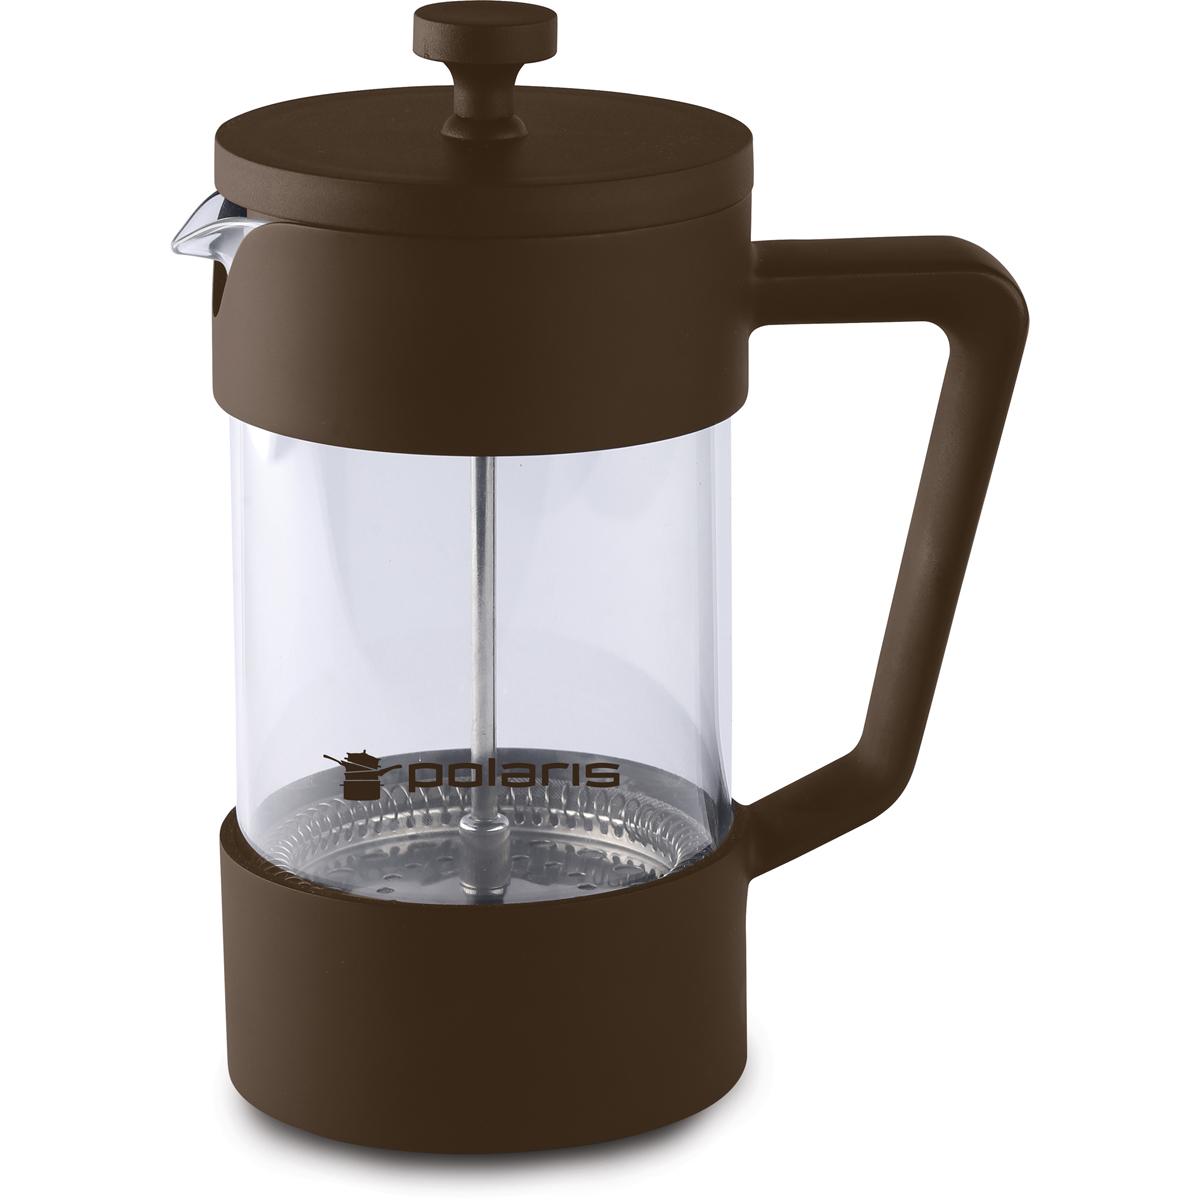 Френч-пресс Polaris Etna-600FP, 600 мл68/5/3Френч-пресс Polaris Etna выполнен из высококачественного пластика. Подходит для заваривания кофе и чая. Колба изготовлена из жаропрочного стекла. Эргономичный поршень с фильтром выполнен из нержавеющей стали 18/10.